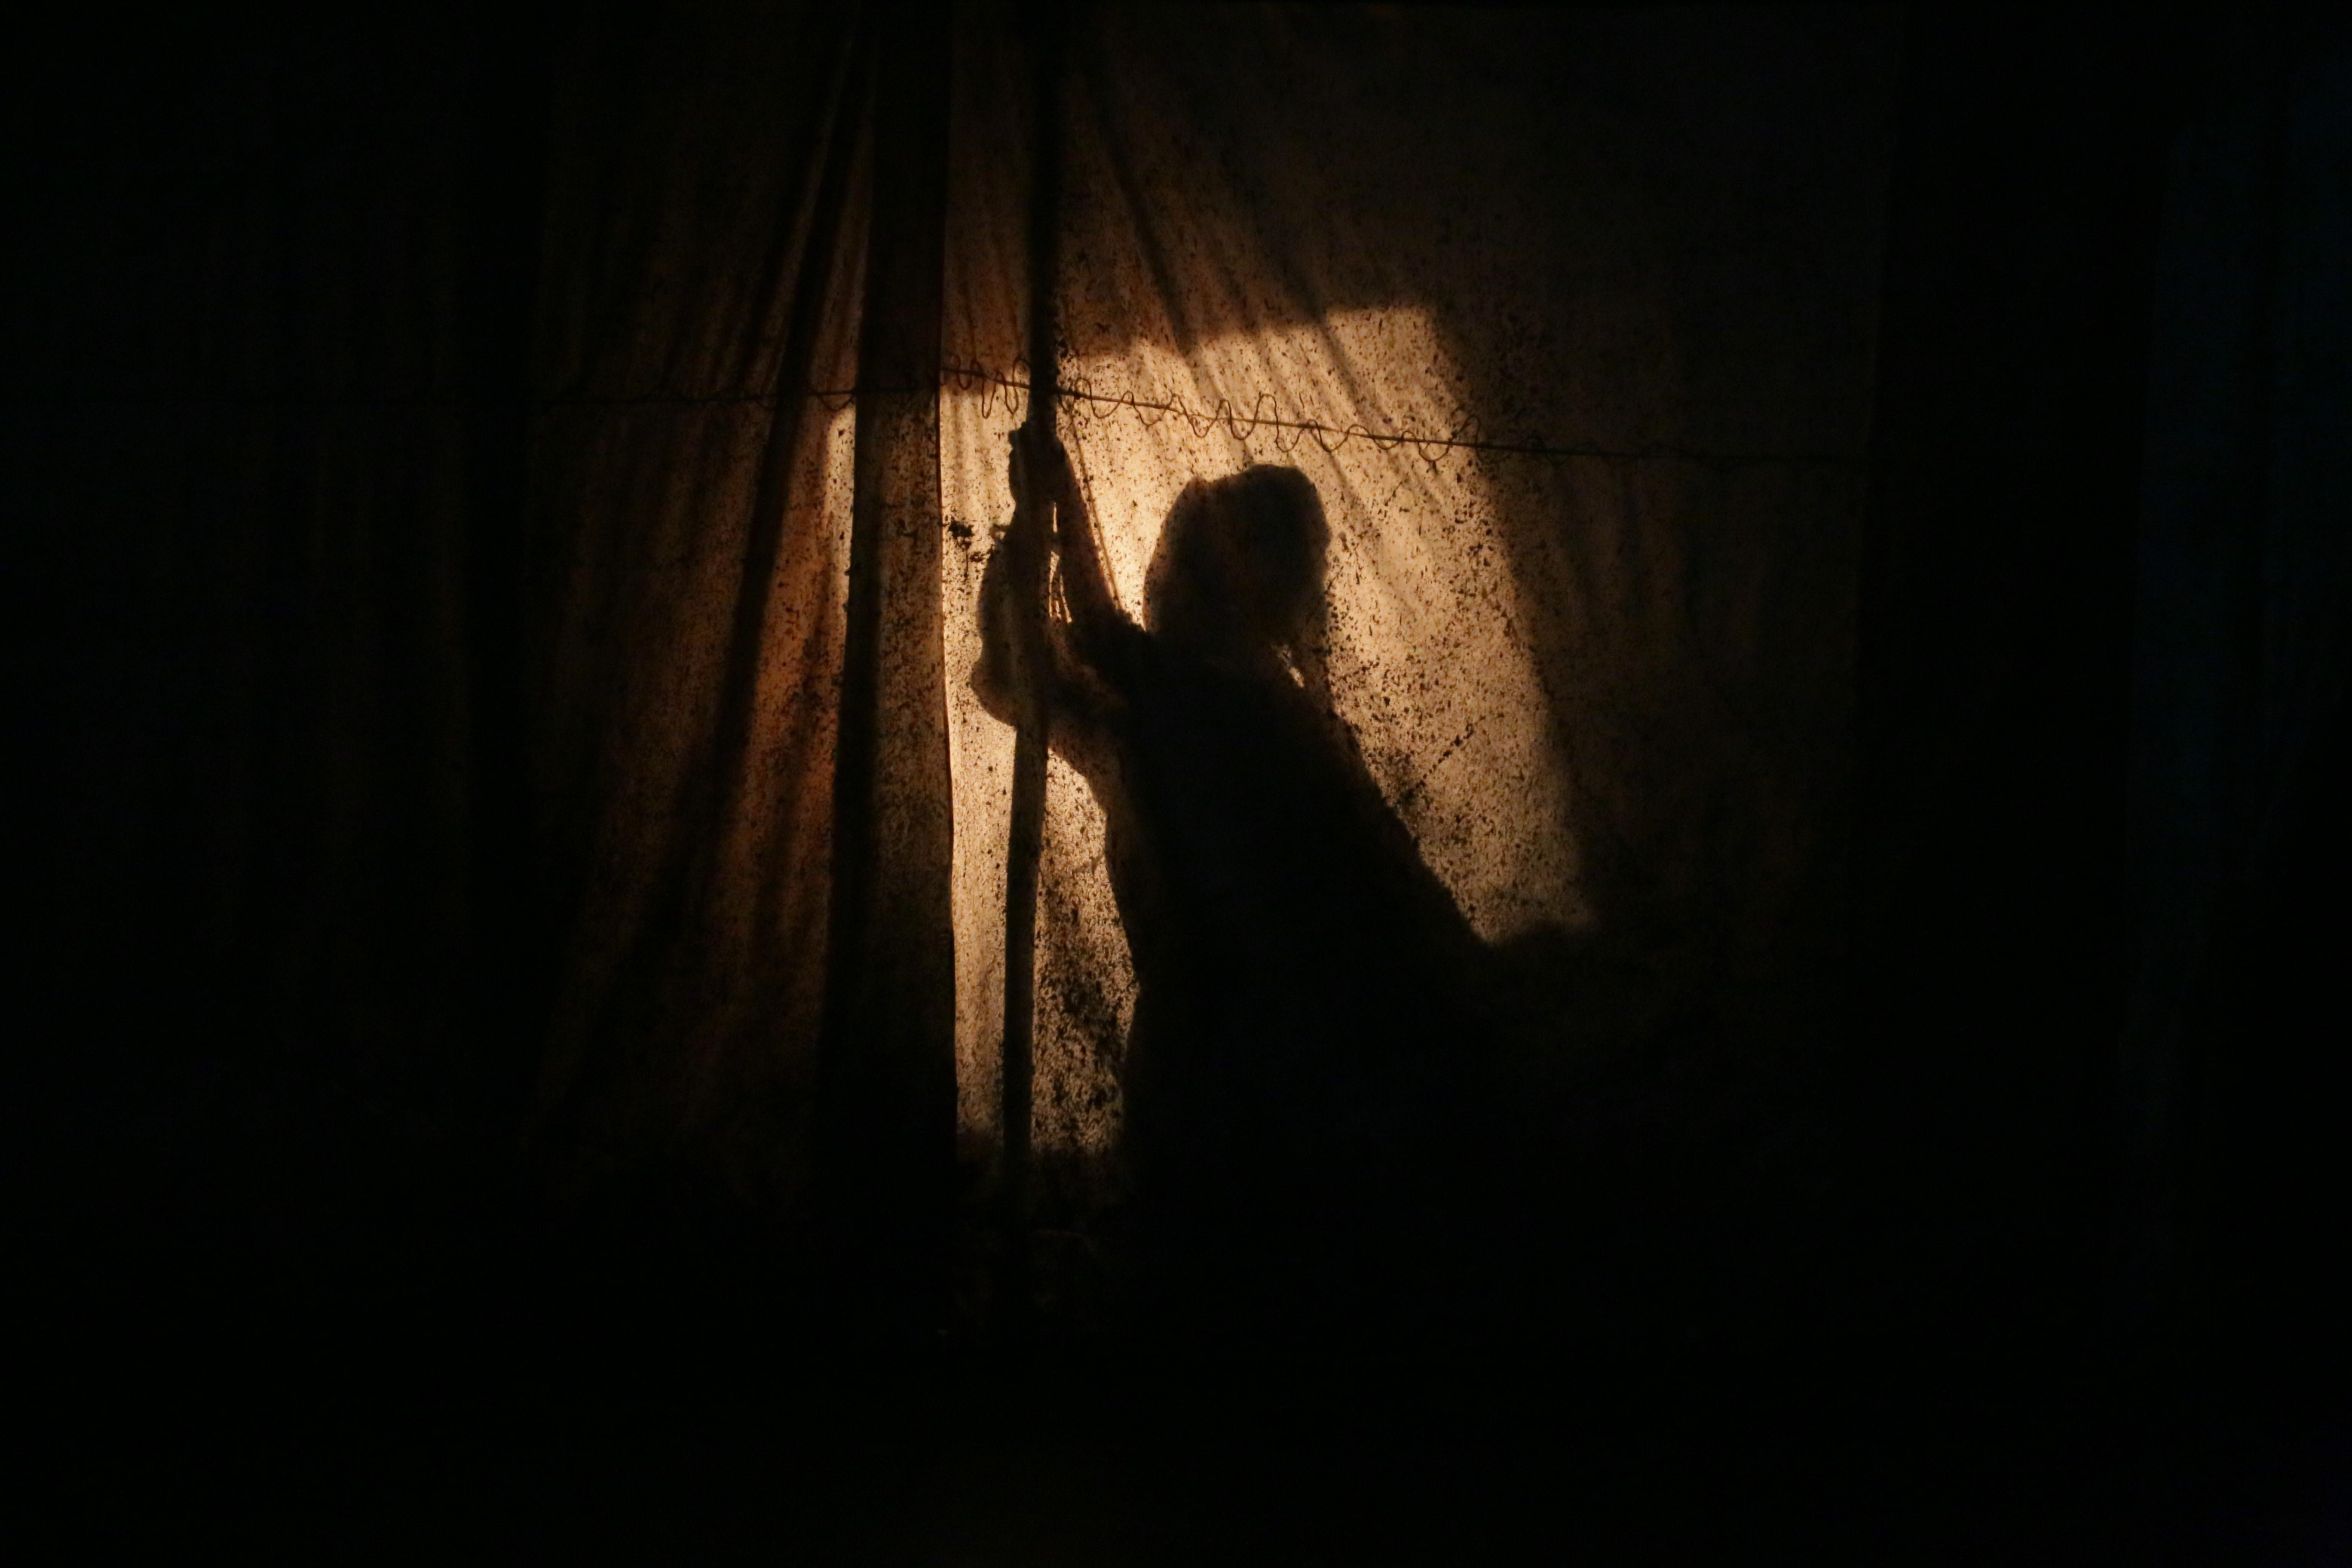 Flogging (Anya de Villiers)